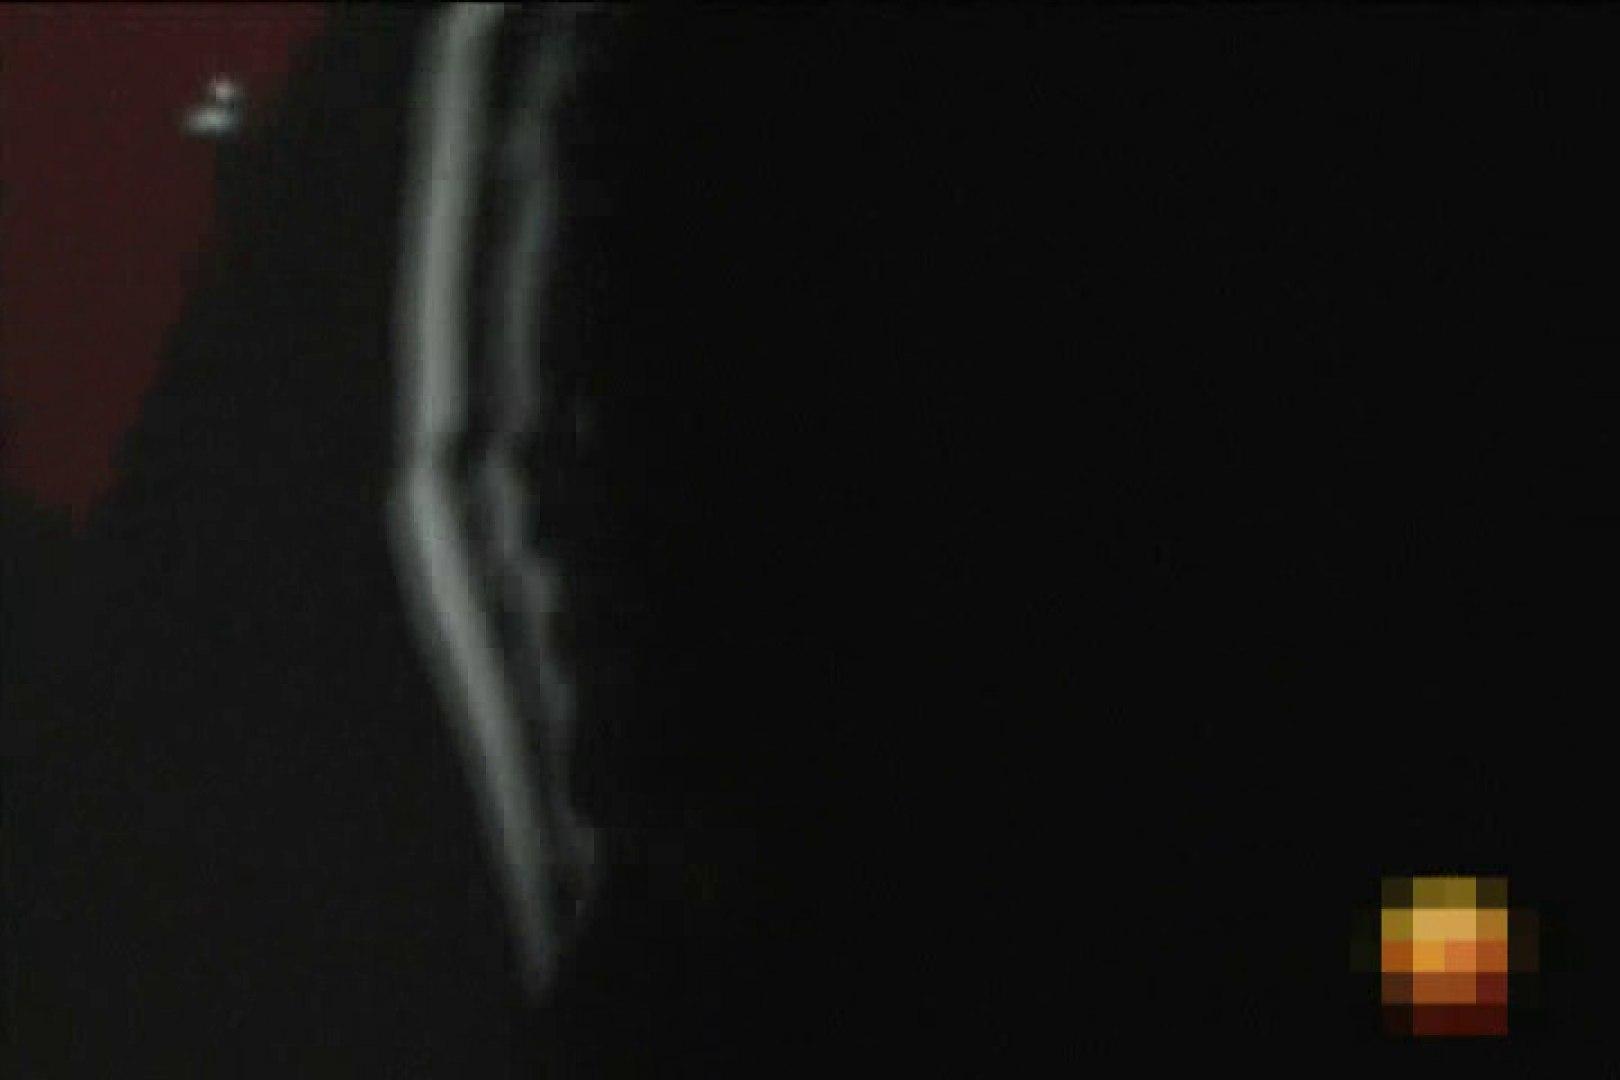 民家自慰マニアVol.8 プライベート のぞき動画キャプチャ 67画像 62